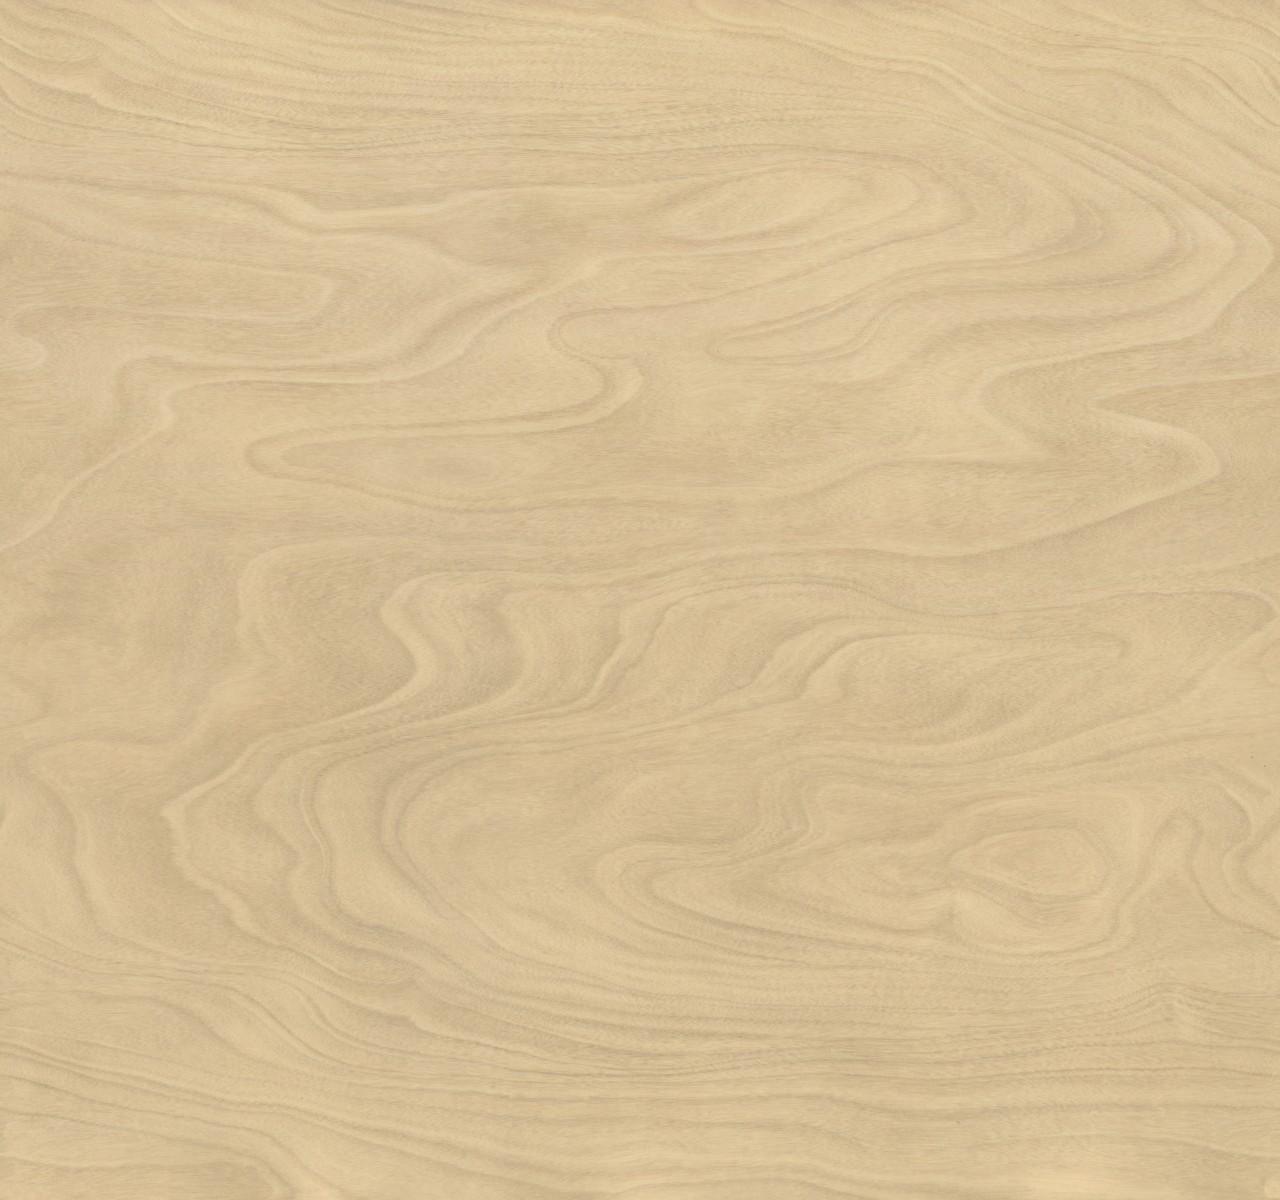 Draufsicht_PLR134C_Floating_Wood_Sand.jpg